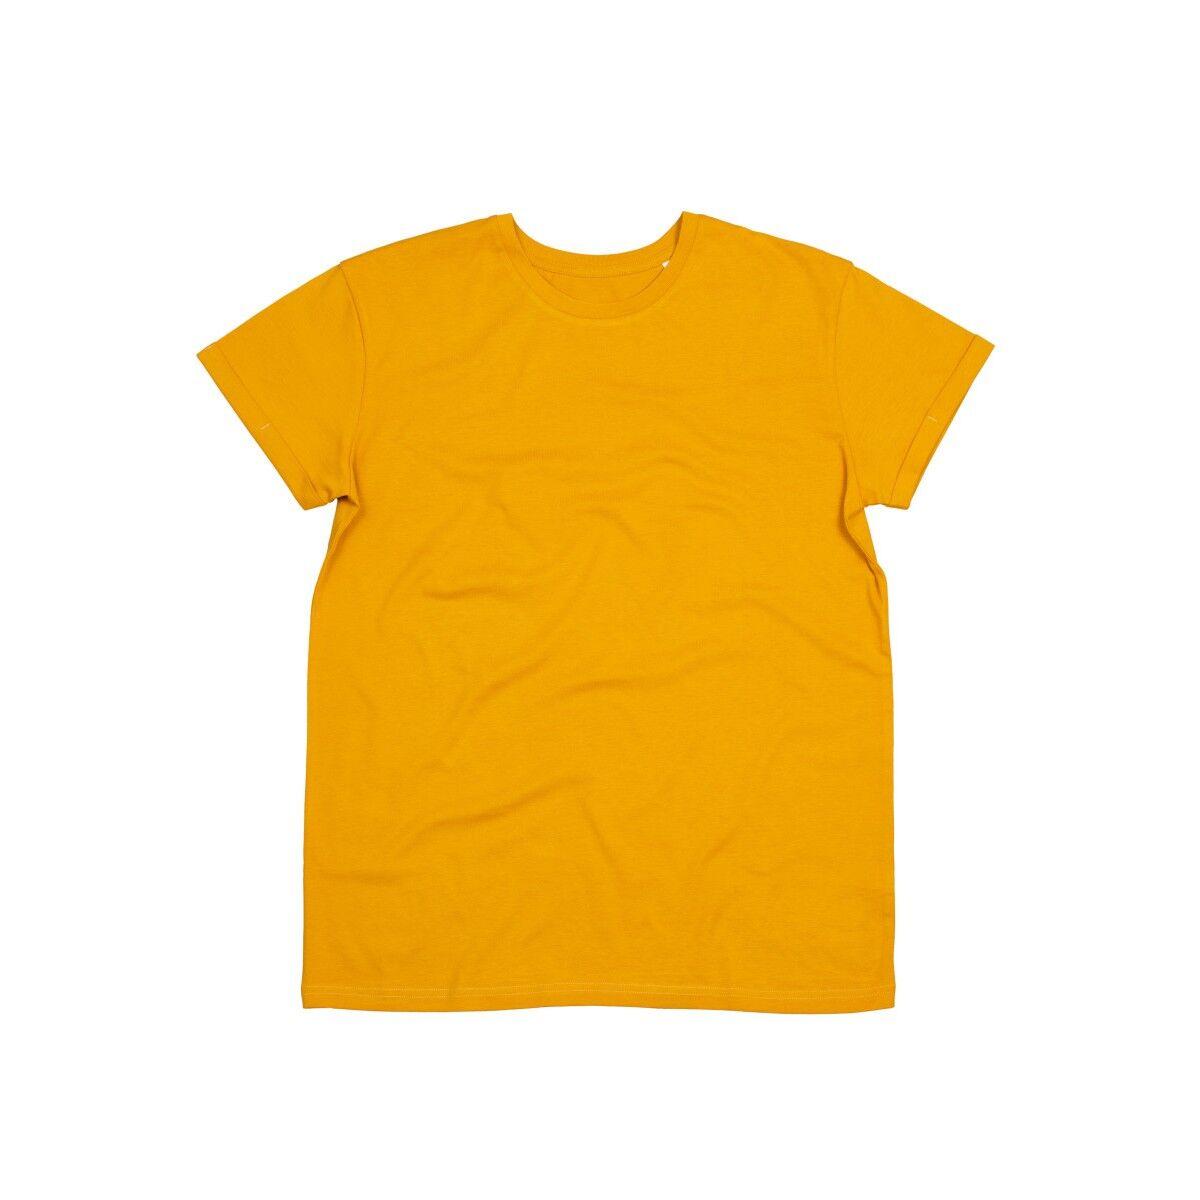 Mantis Roll Sleeve T Shirt -  Mustard